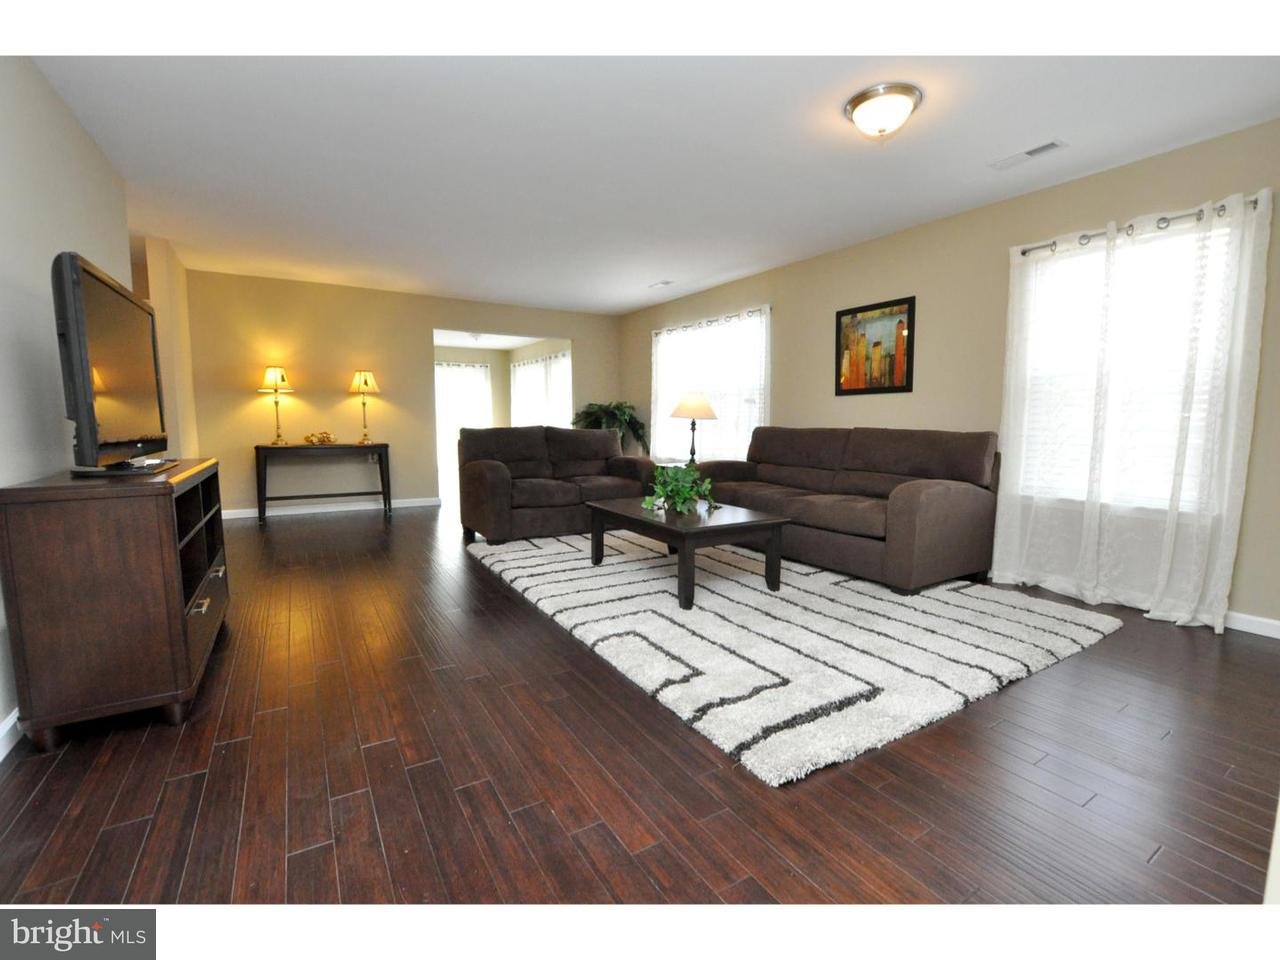 Частный односемейный дом для того Аренда на 9 KESWICK Court Mount Laurel, Нью-Джерси 08054 Соединенные Штаты